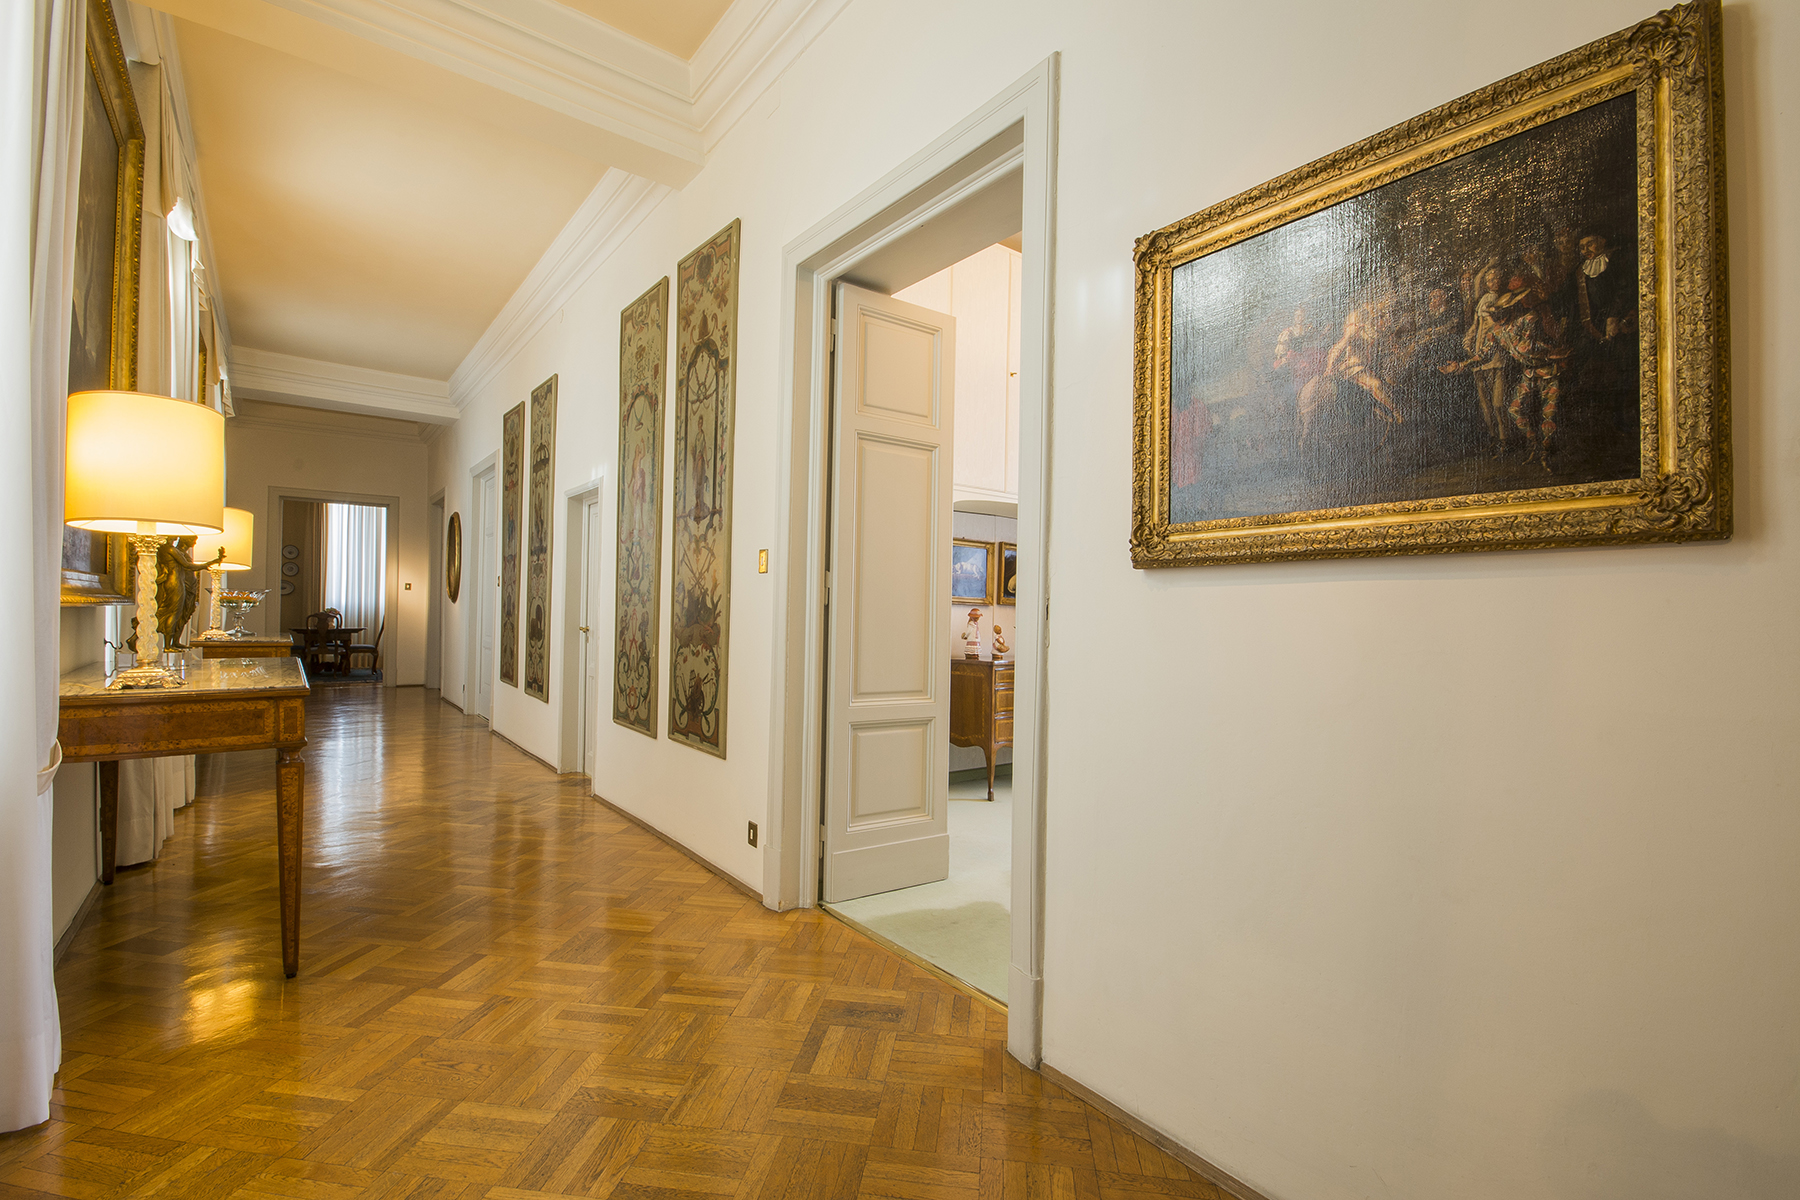 Appartamento in Vendita a Firenze: 5 locali, 190 mq - Foto 3